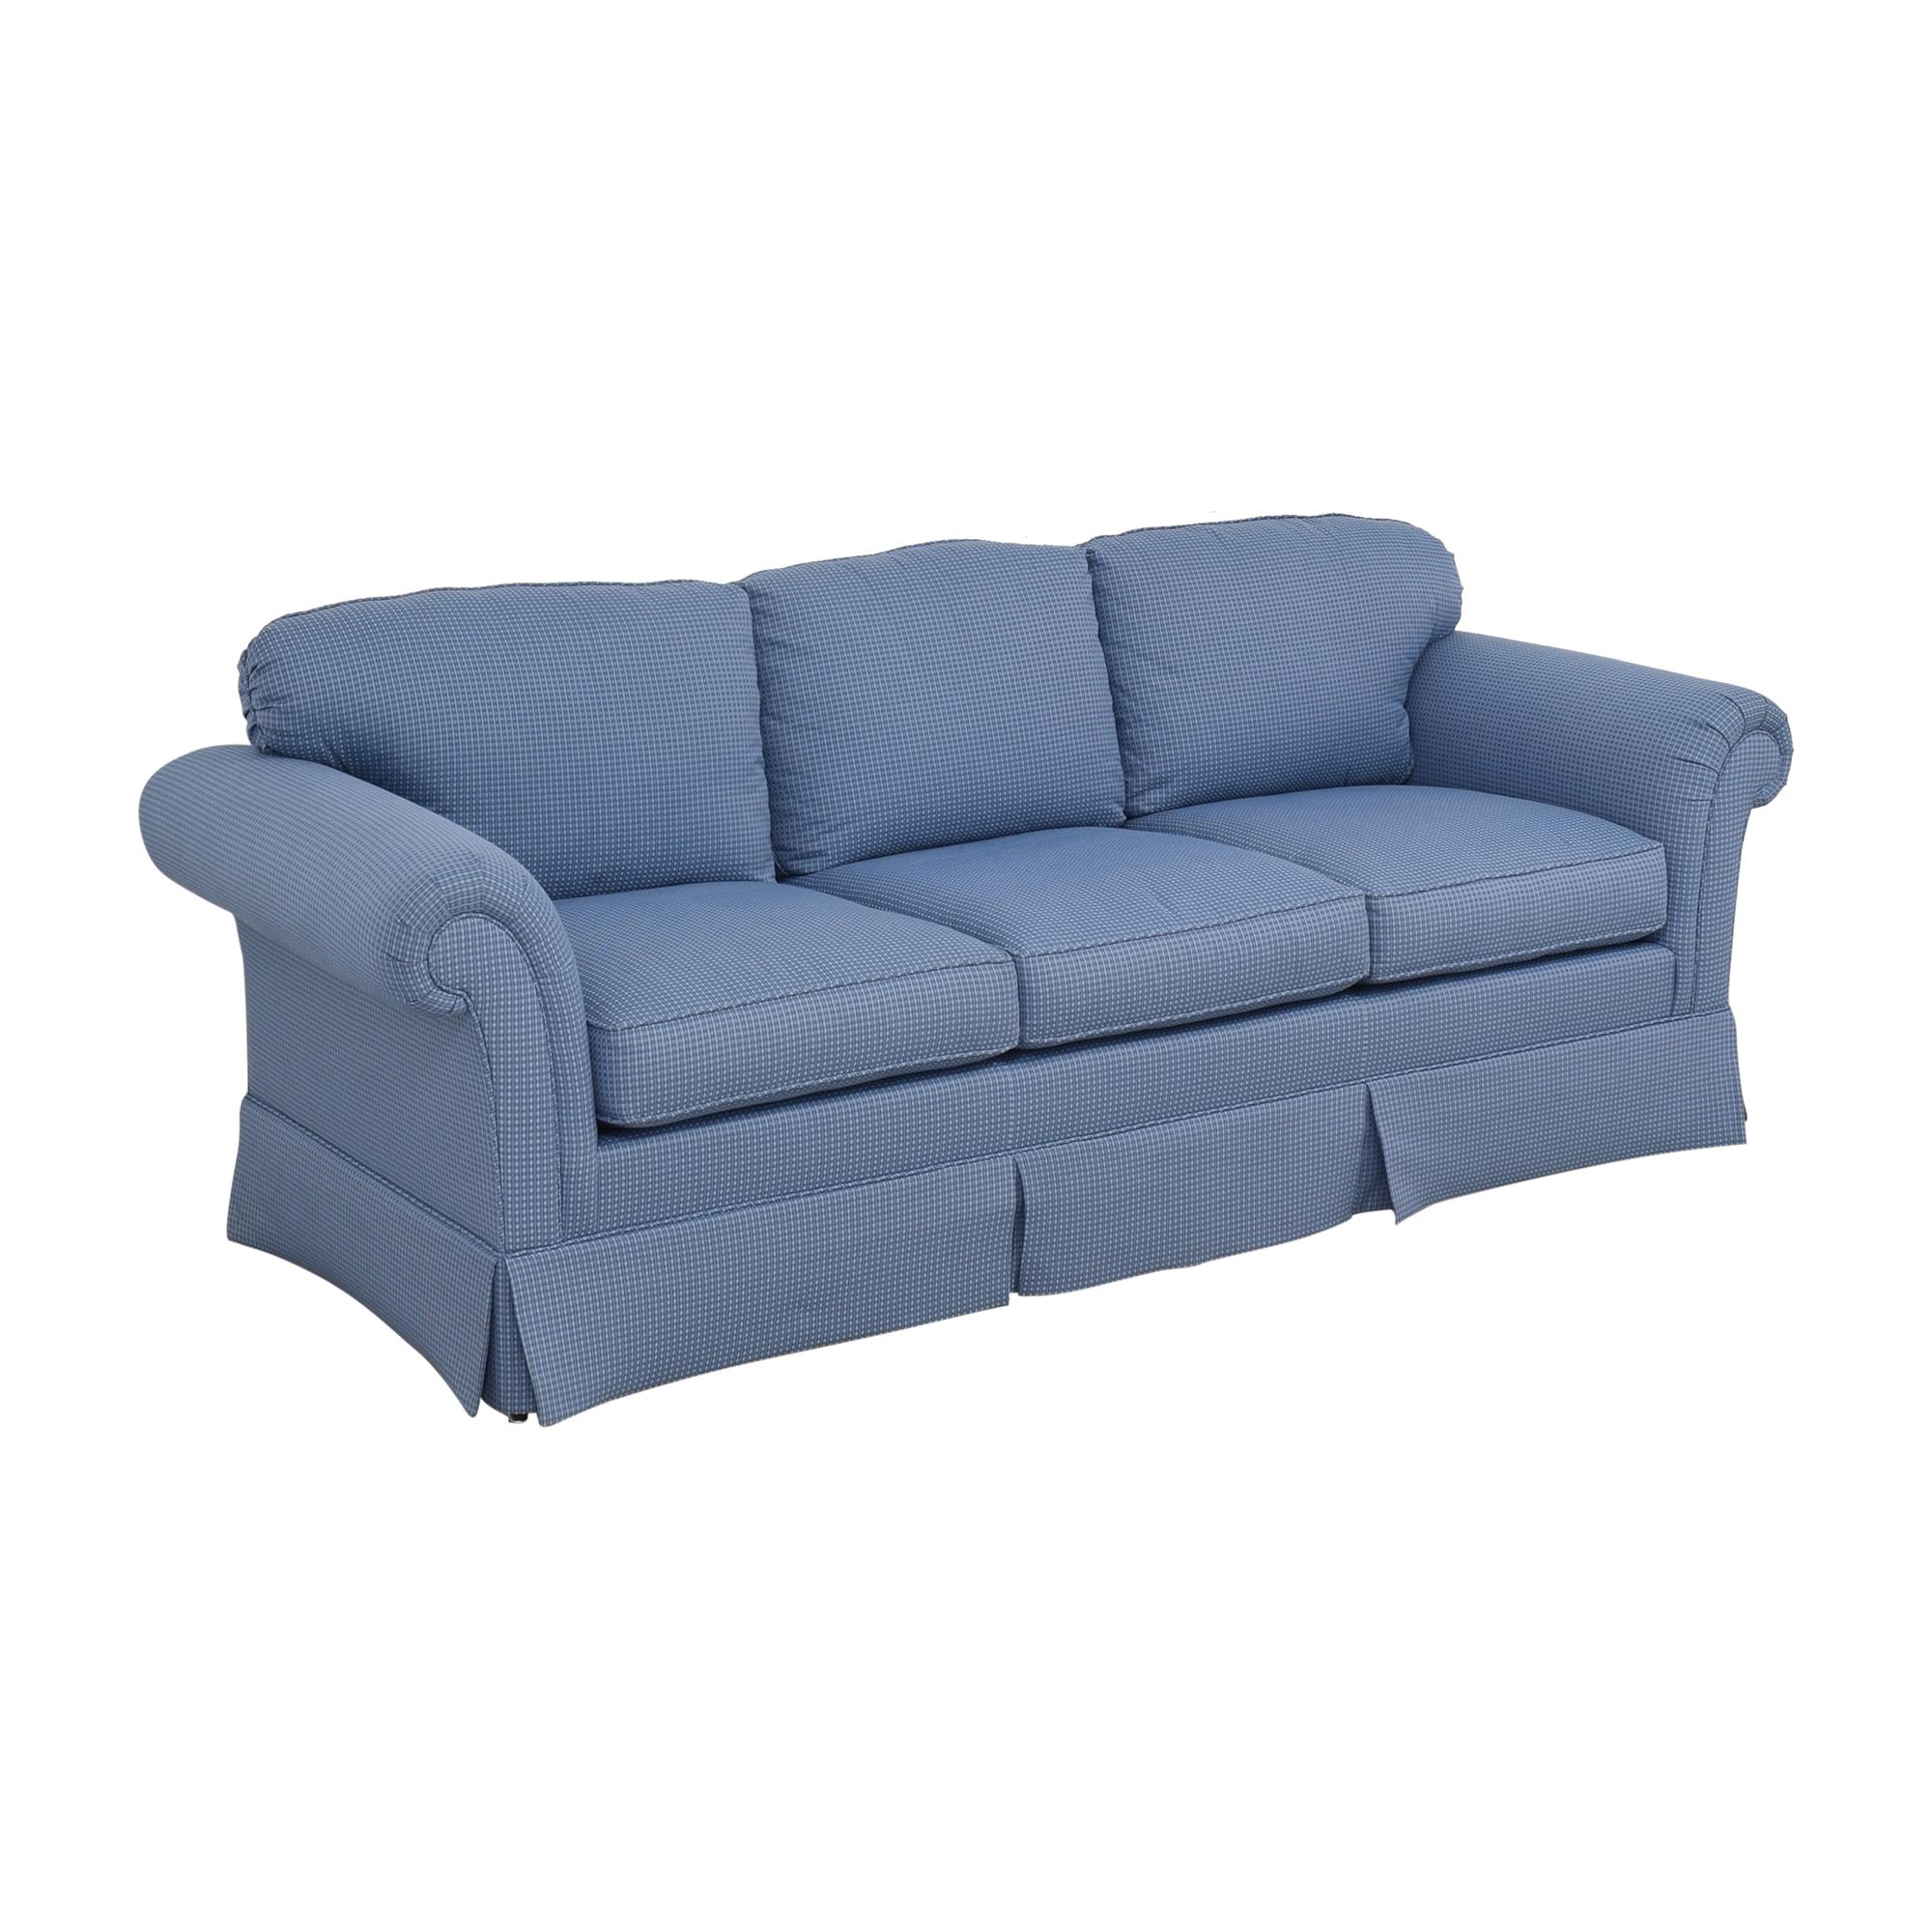 Kindel Kindel Sleigh Arm Sofa used